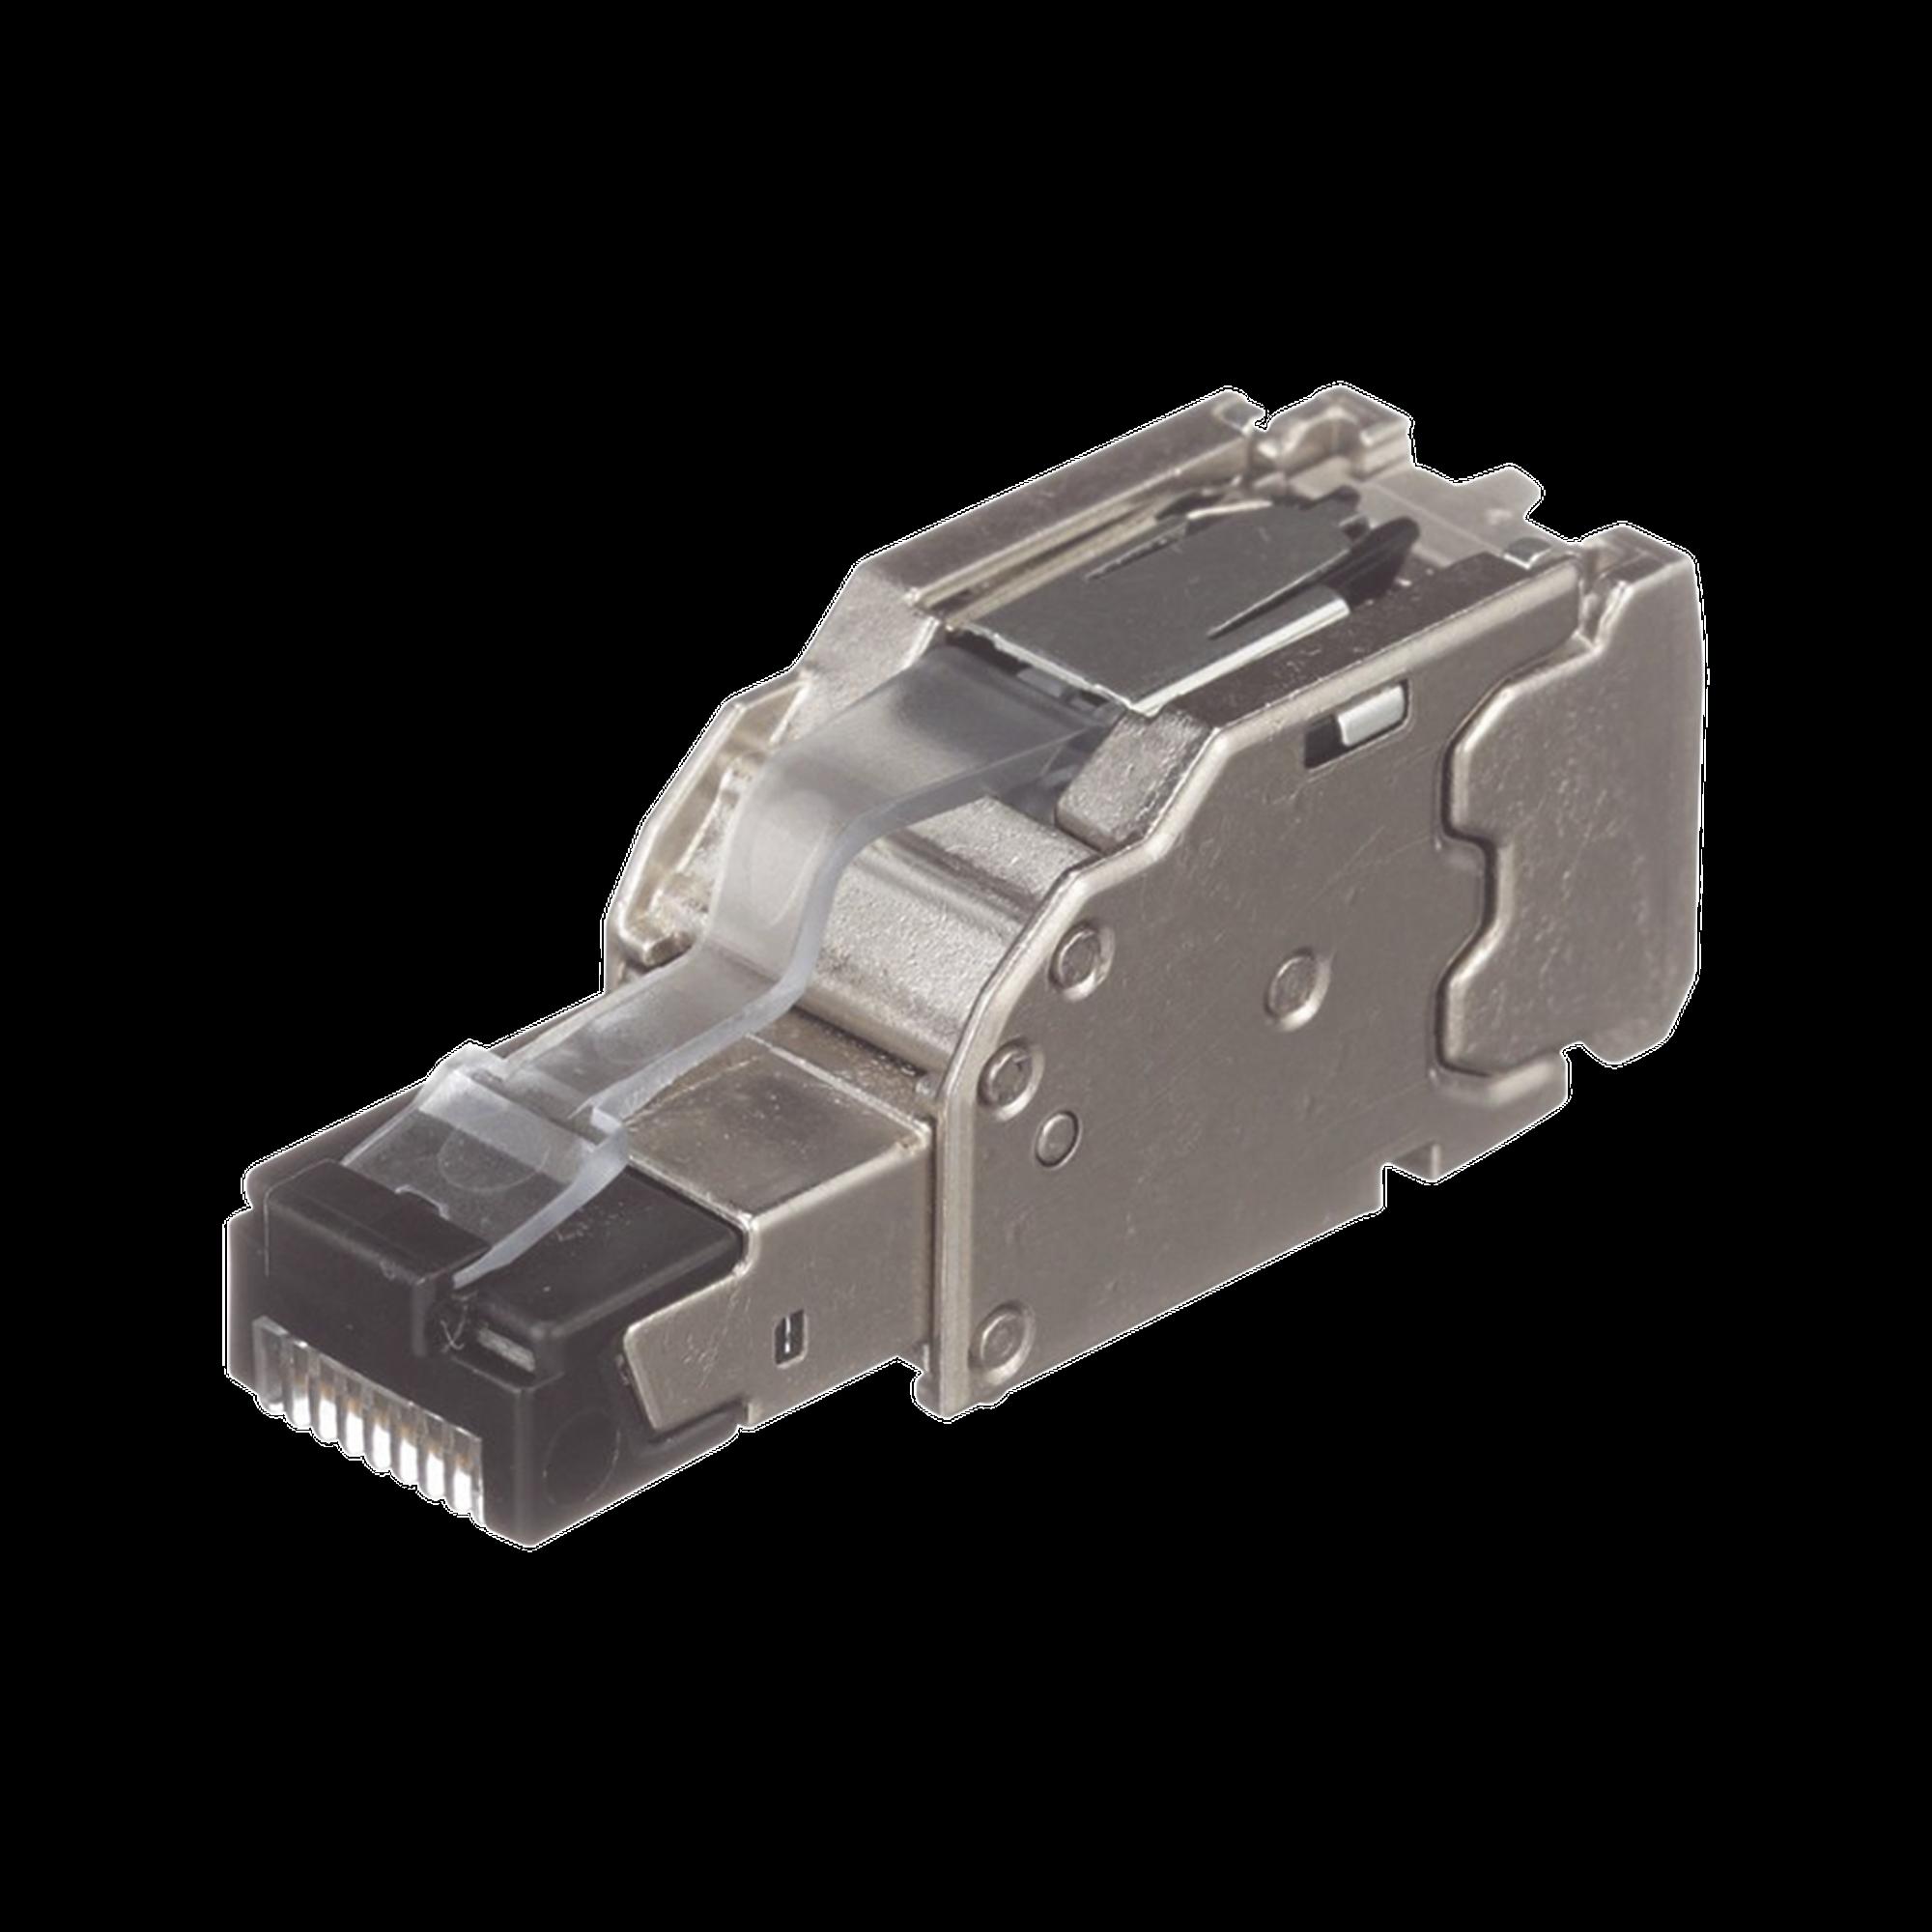 Plug RJ45 Blindado, Instalación Recta, Terminación en Campo Certificable, Compatible con Cat5e, Cat6 y Cat6A, Color Plata, Paquete de 10 Piezas